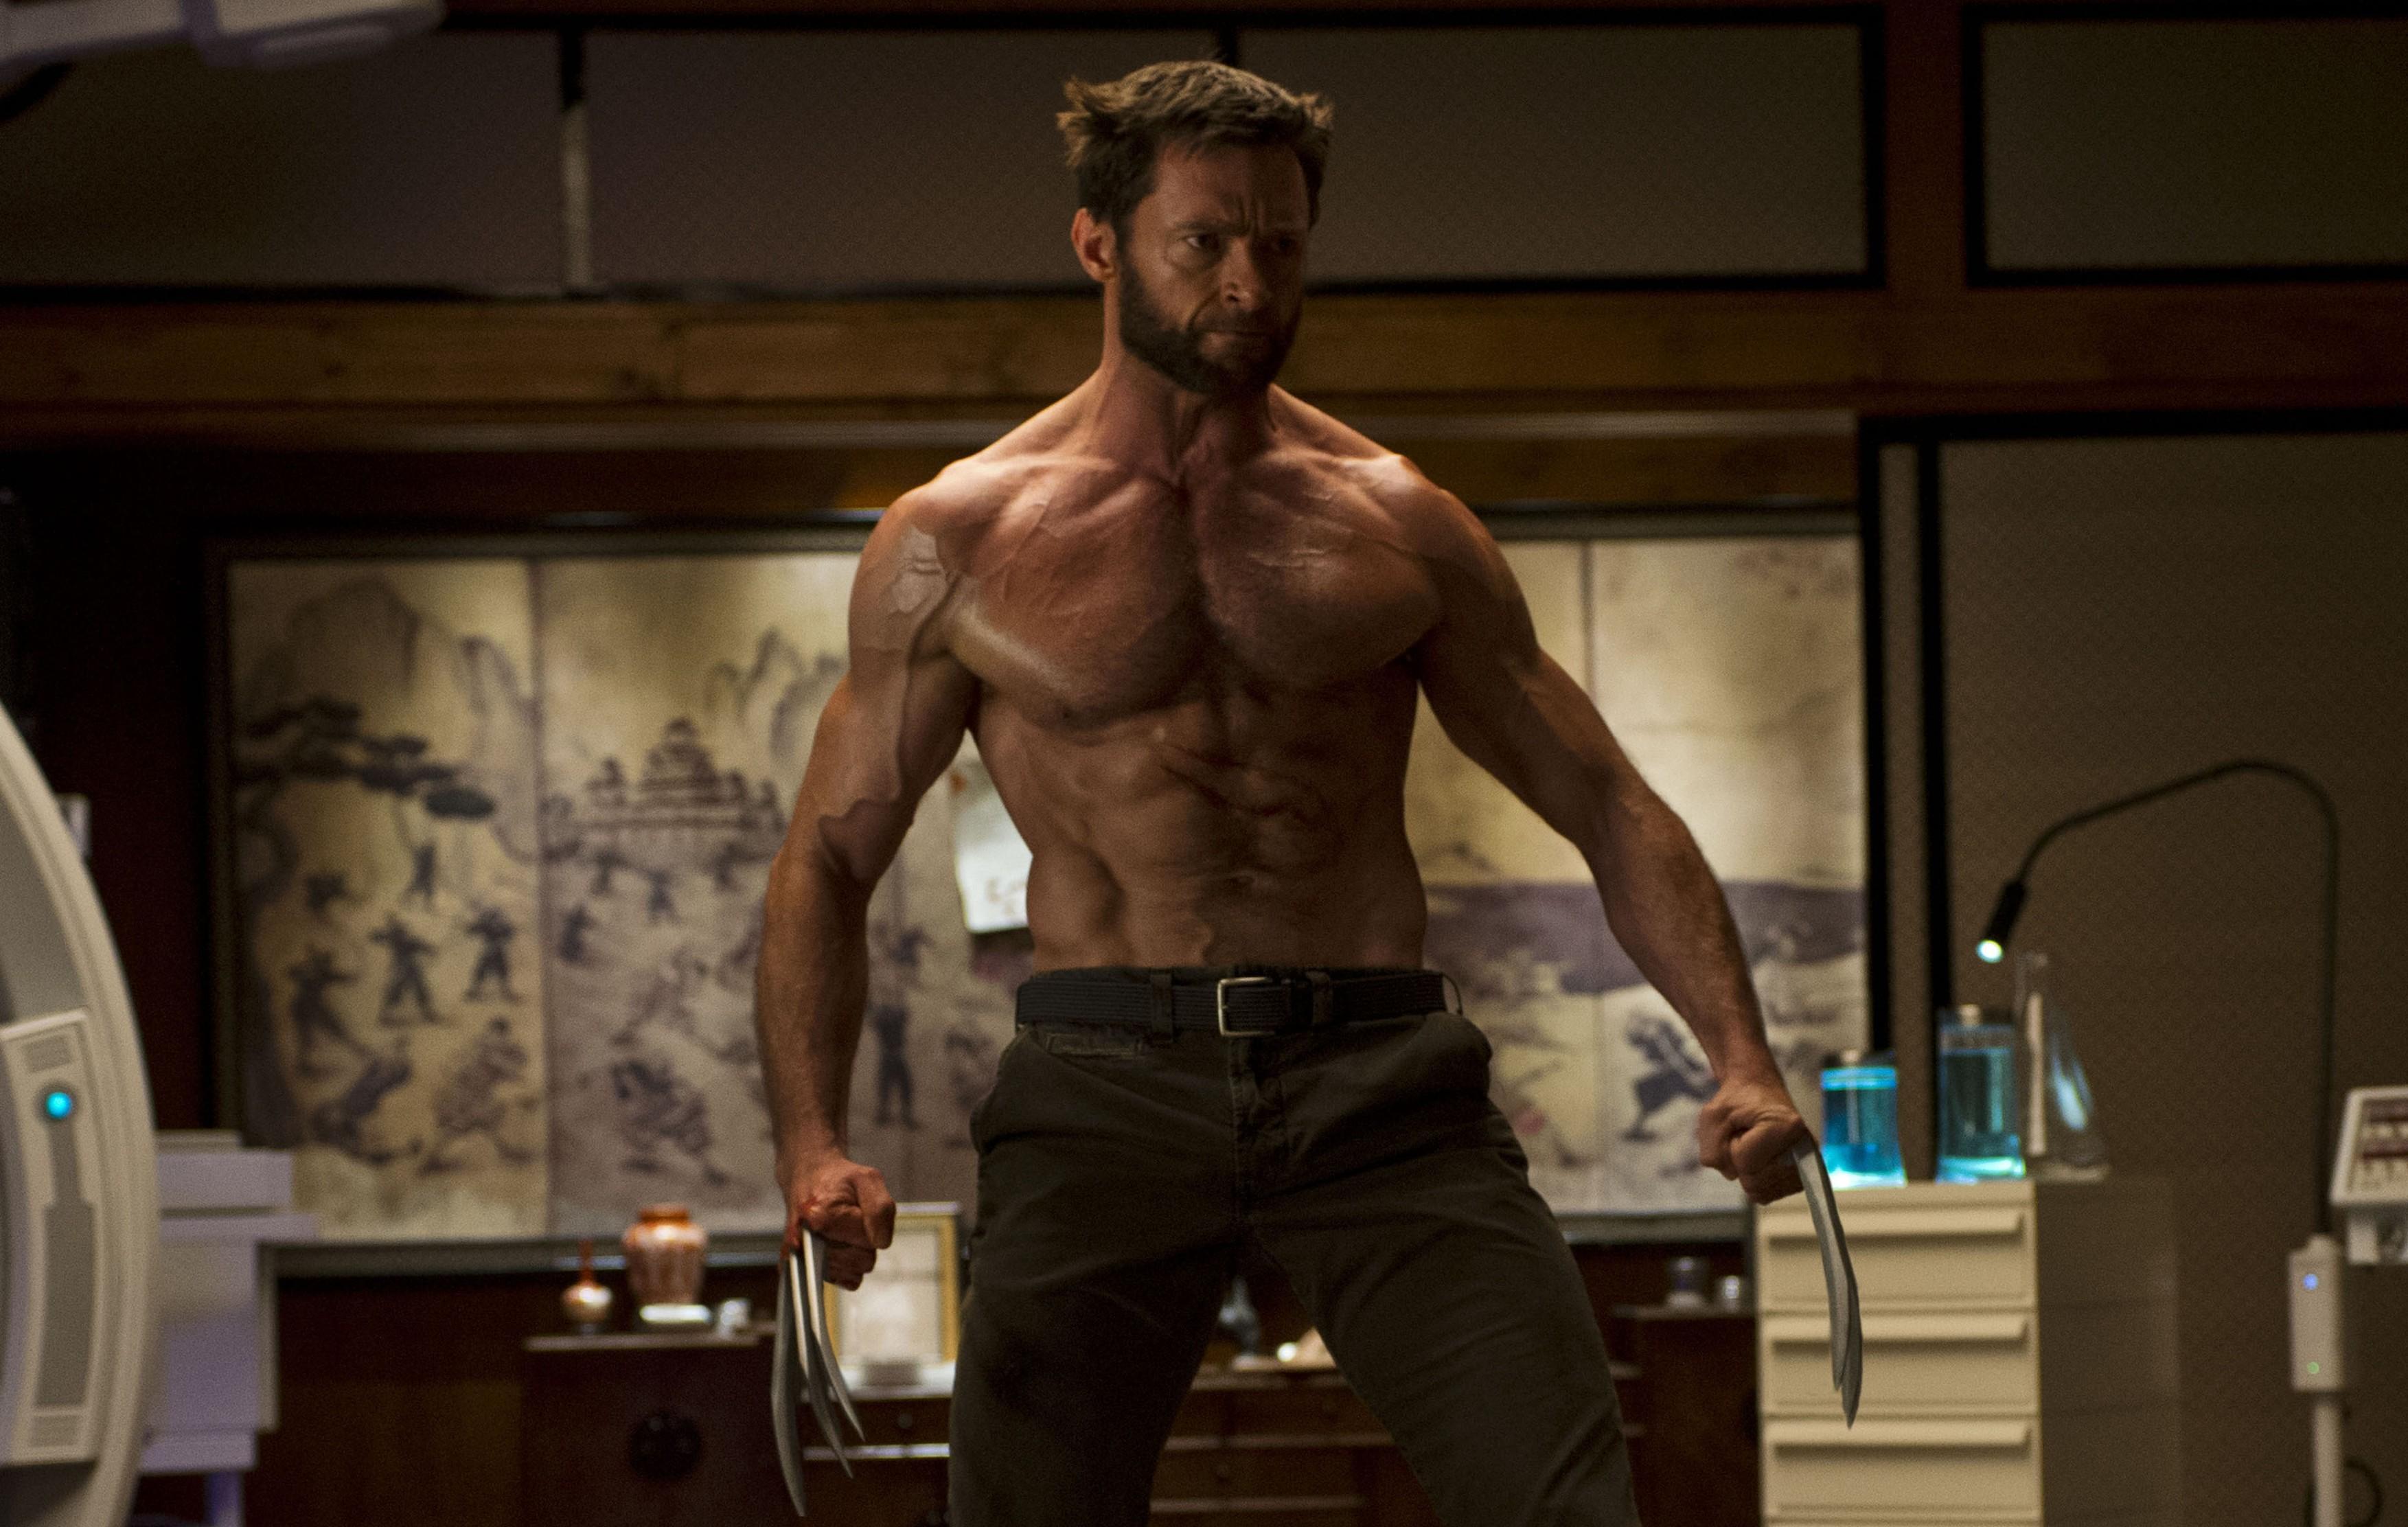 Ce actor ar fi trebuit să-l joace pe Wolverine în locul lui Hugh Jackman. Adevărul despre filmele X-Men a ieșit la iveală acum